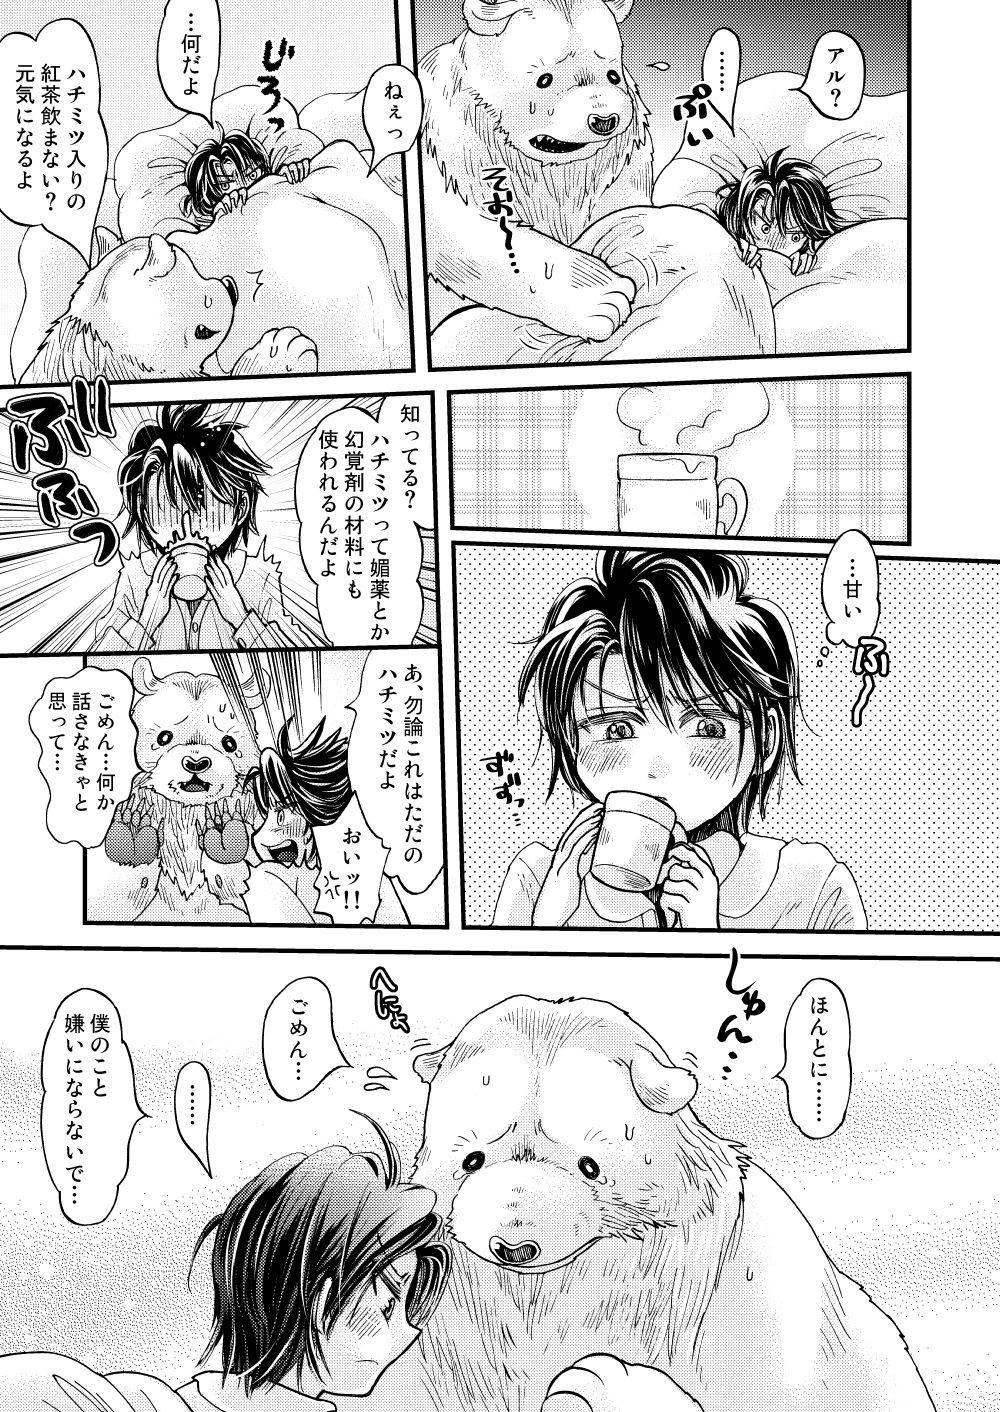 Mori no Kuma-san ni Aisare Sugite Mofu Mofu 32